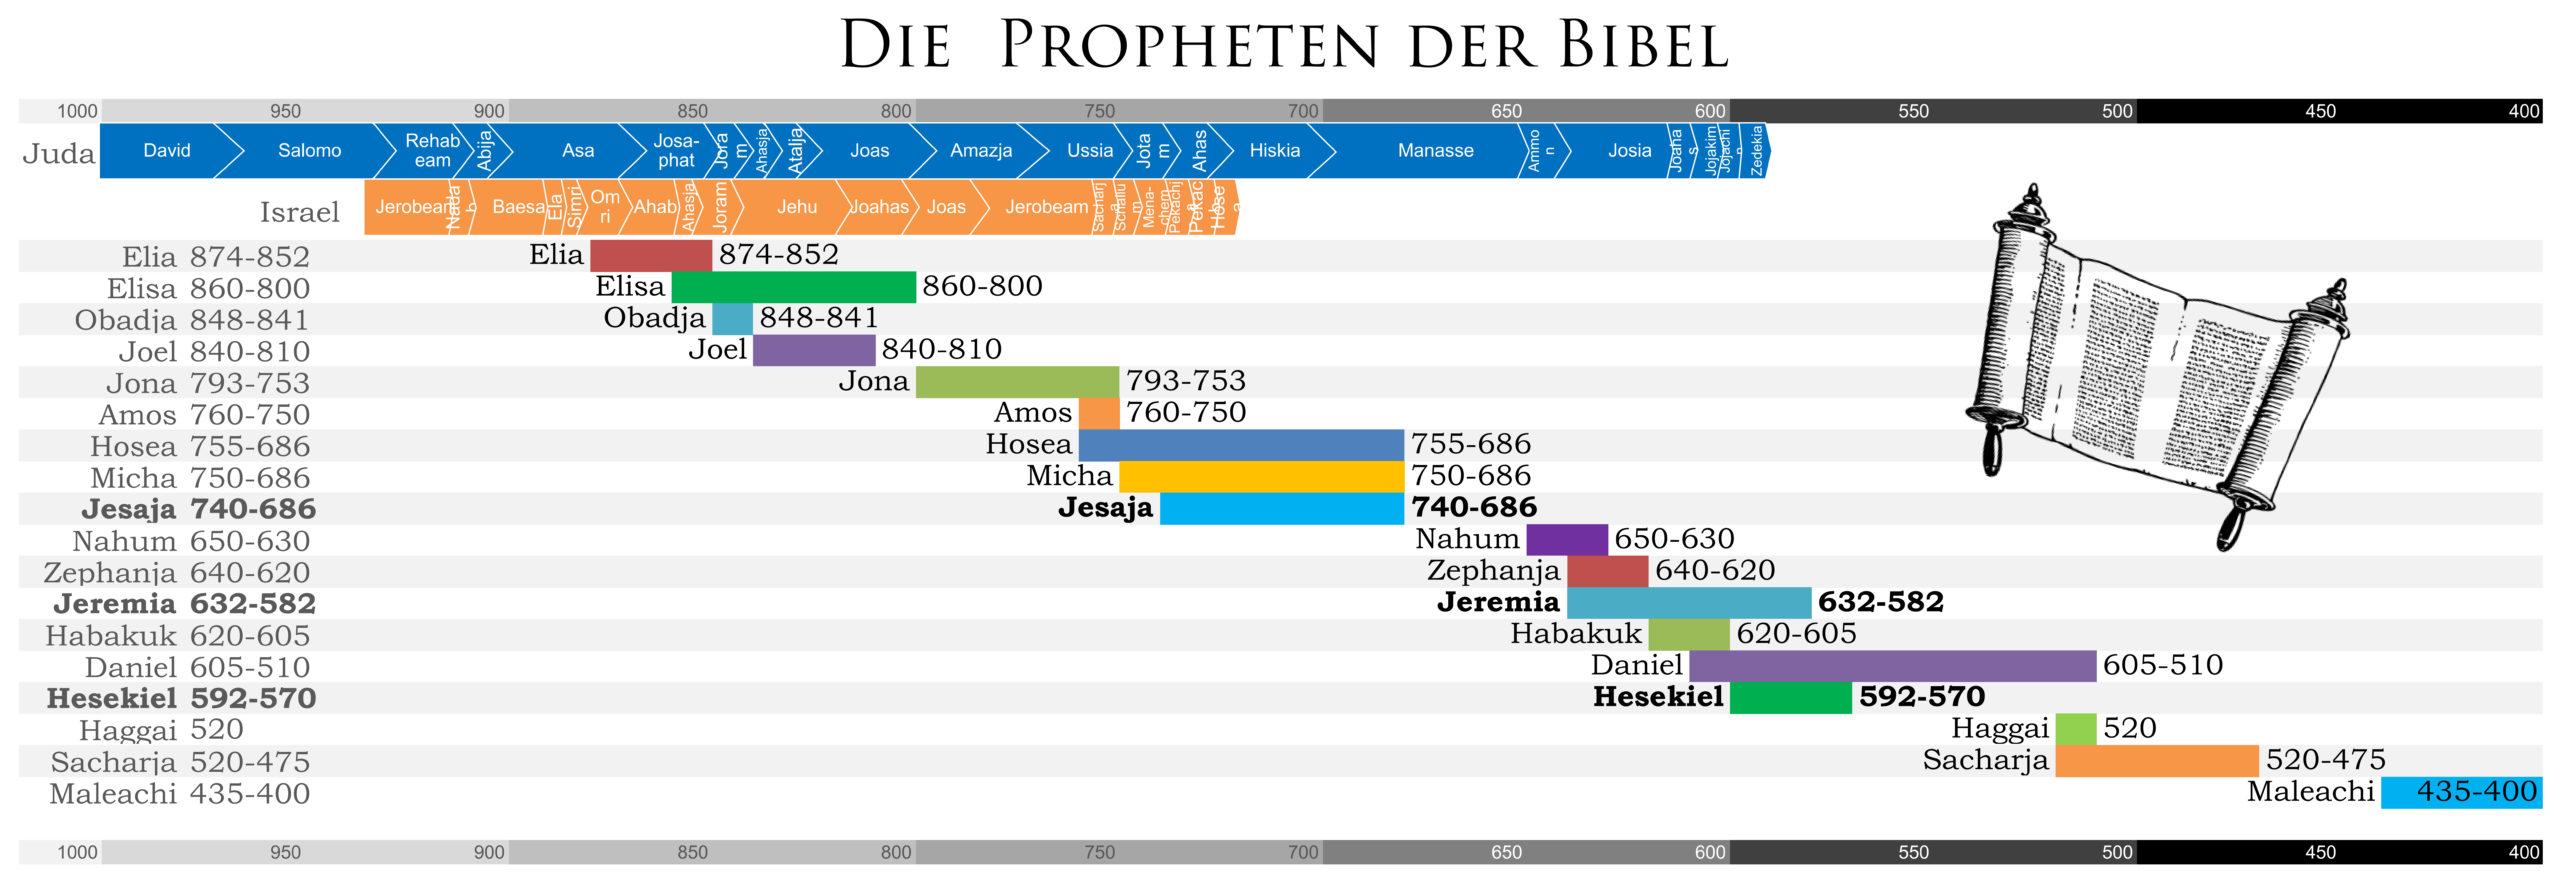 Die Propheten einzeln